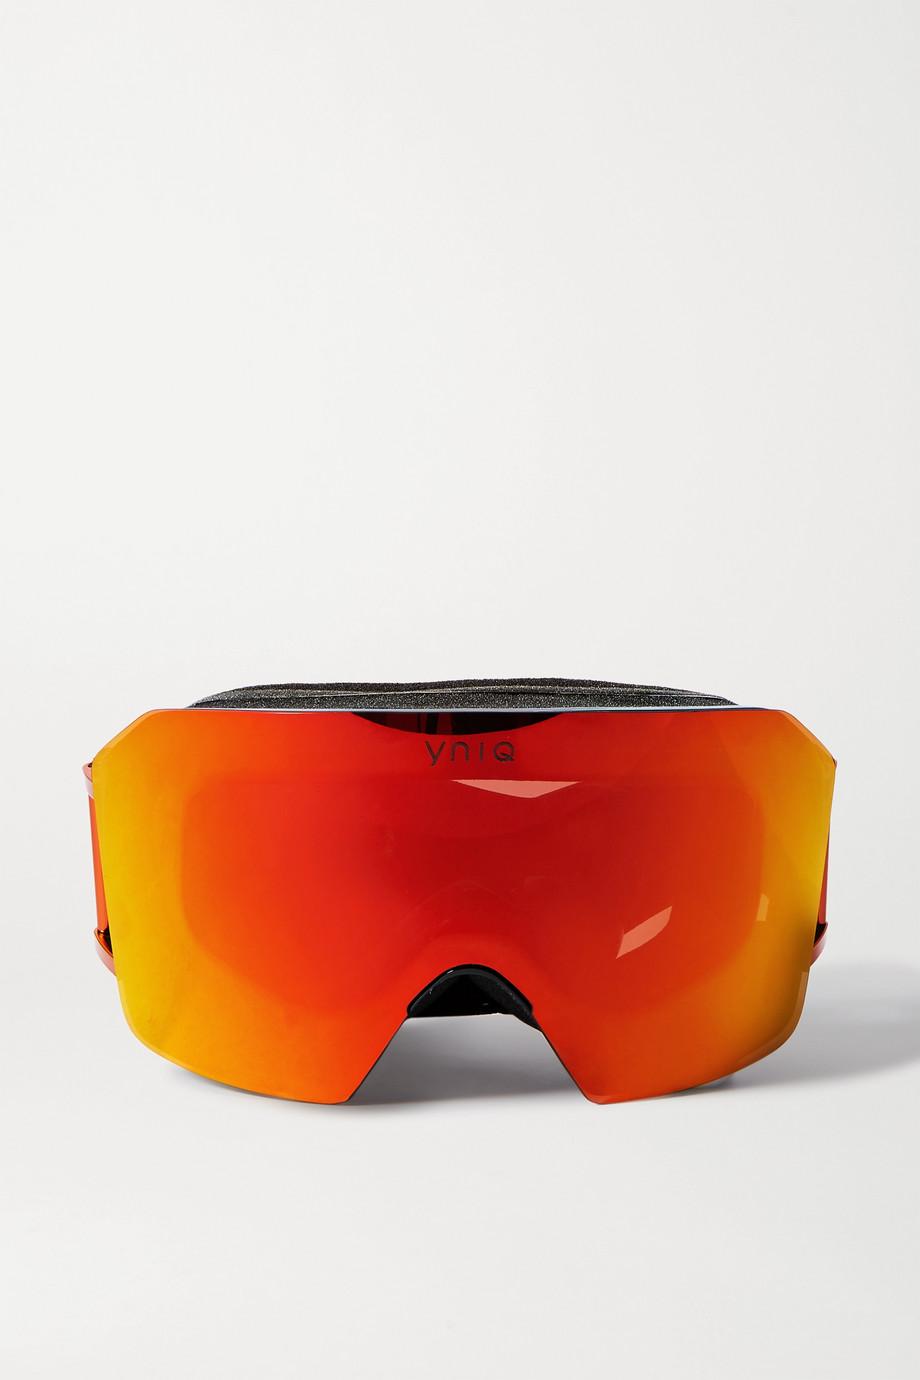 YNIQ Model Nine 镜面滑雪镜